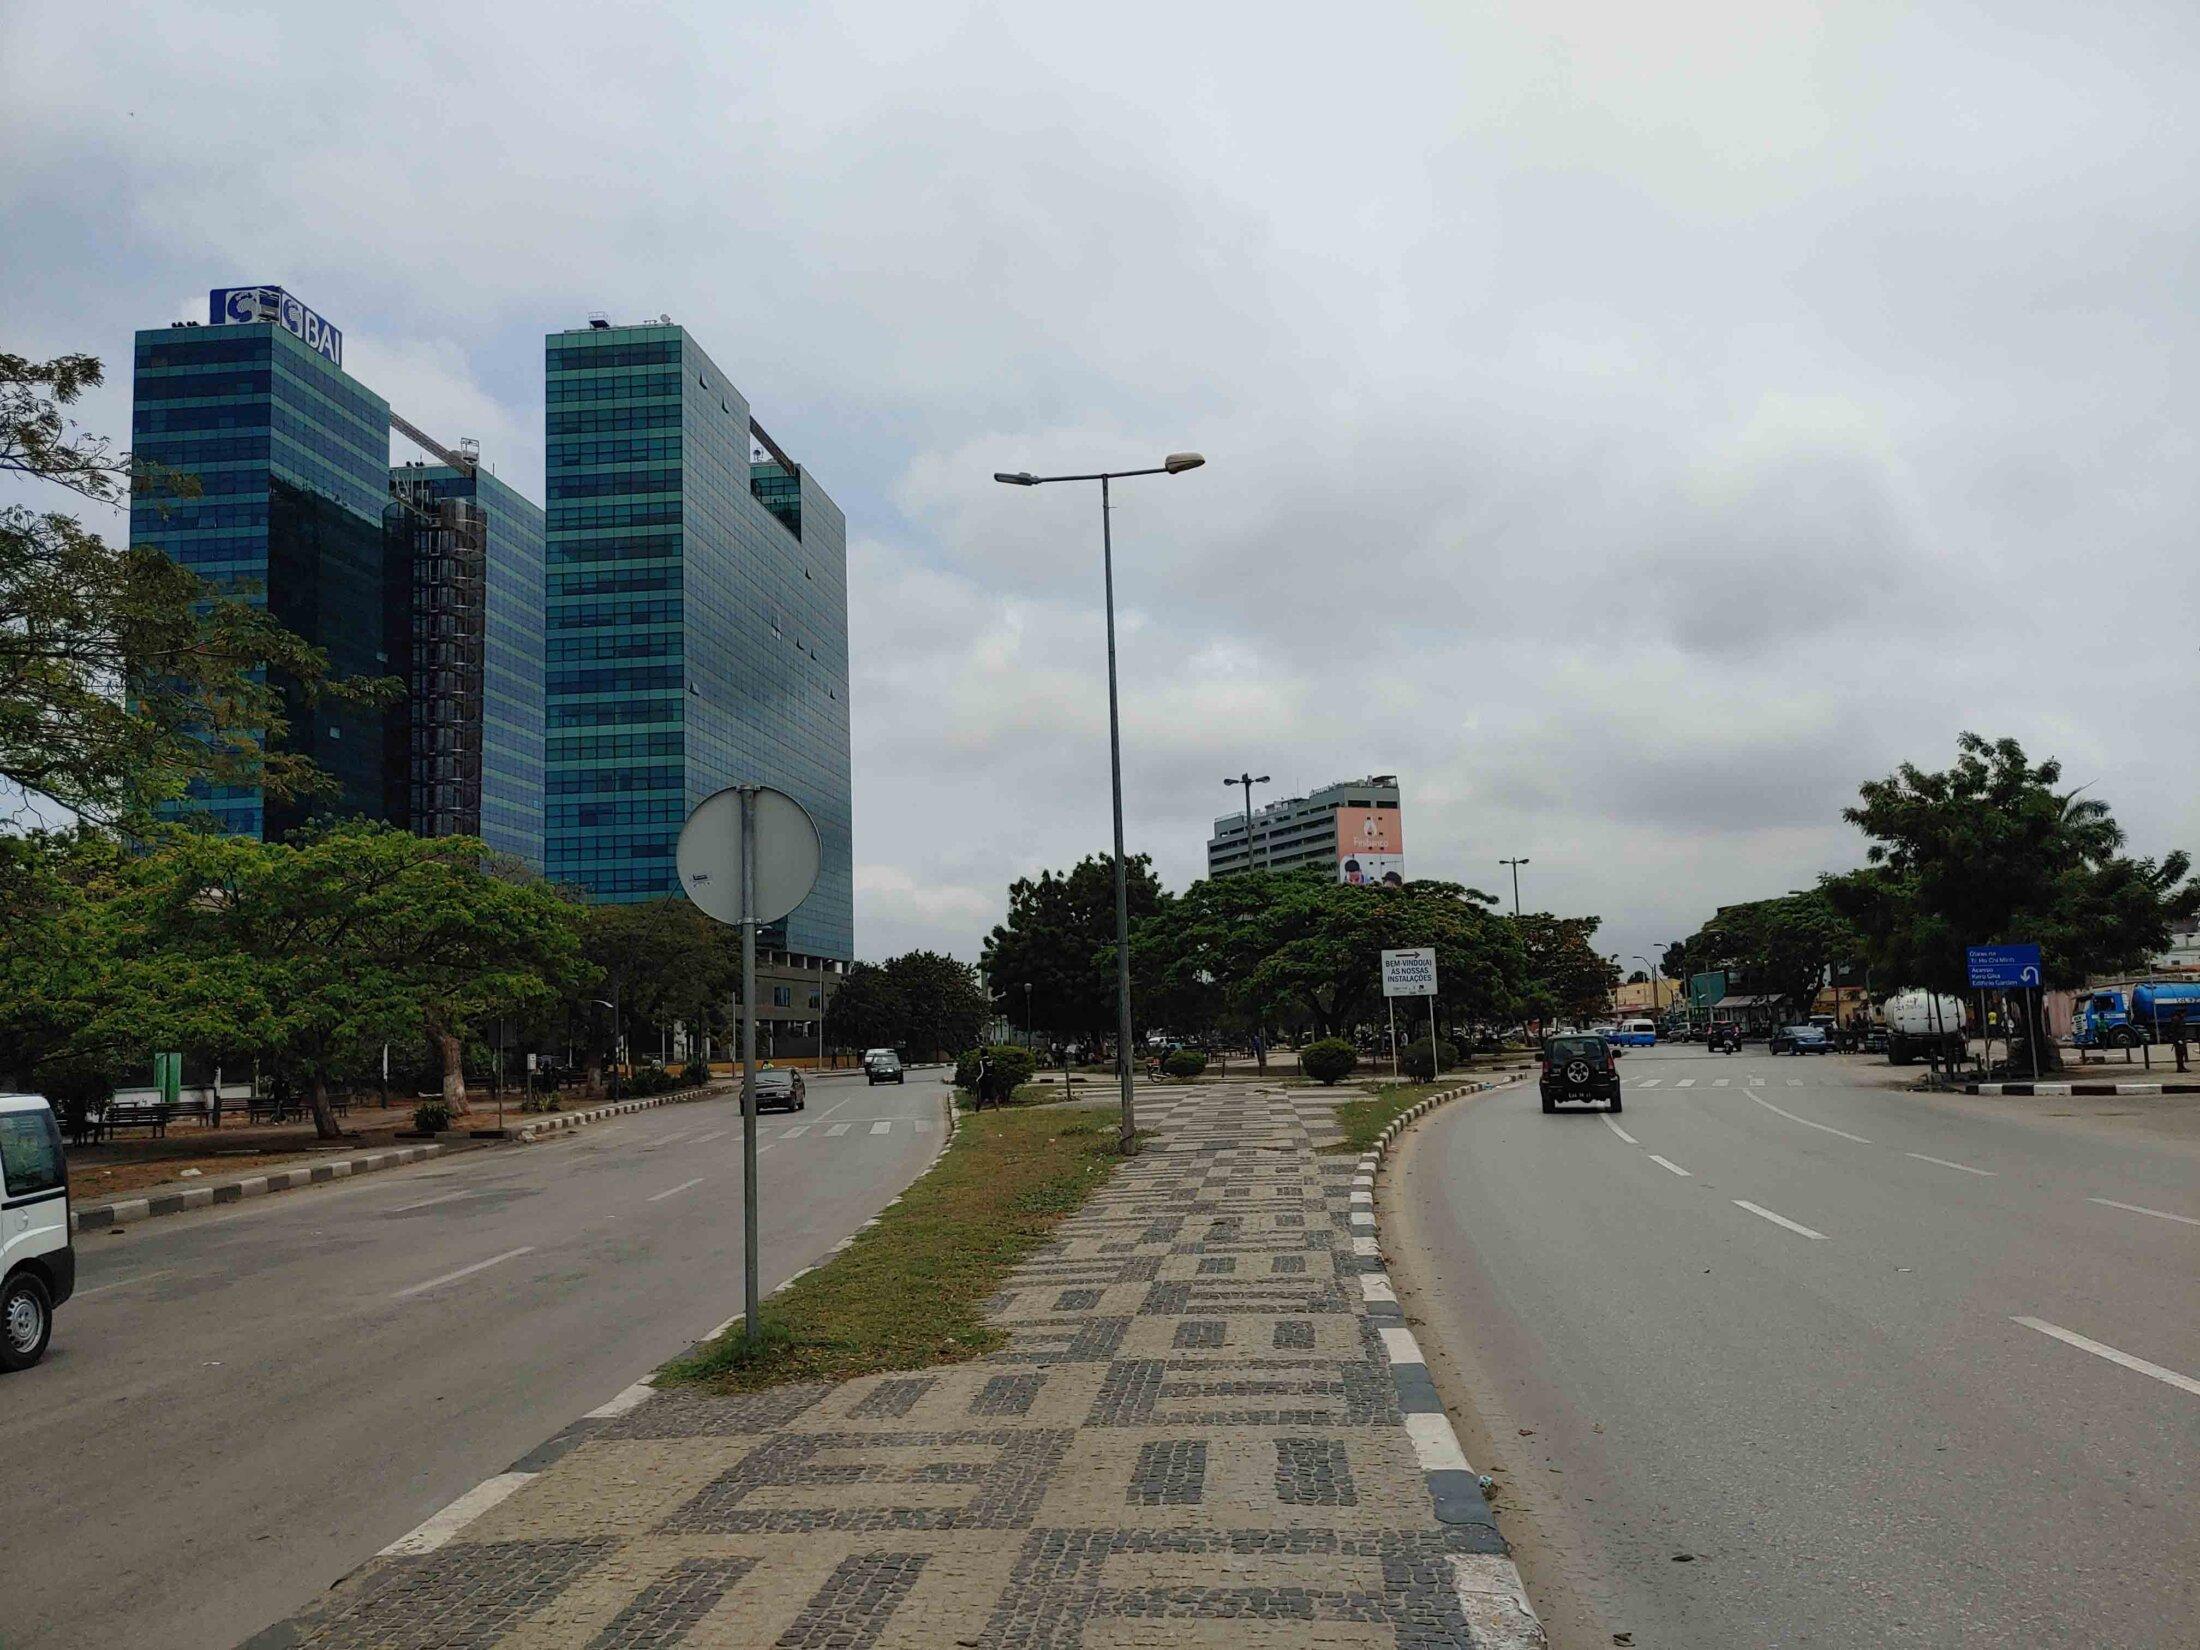 LuandaStreets